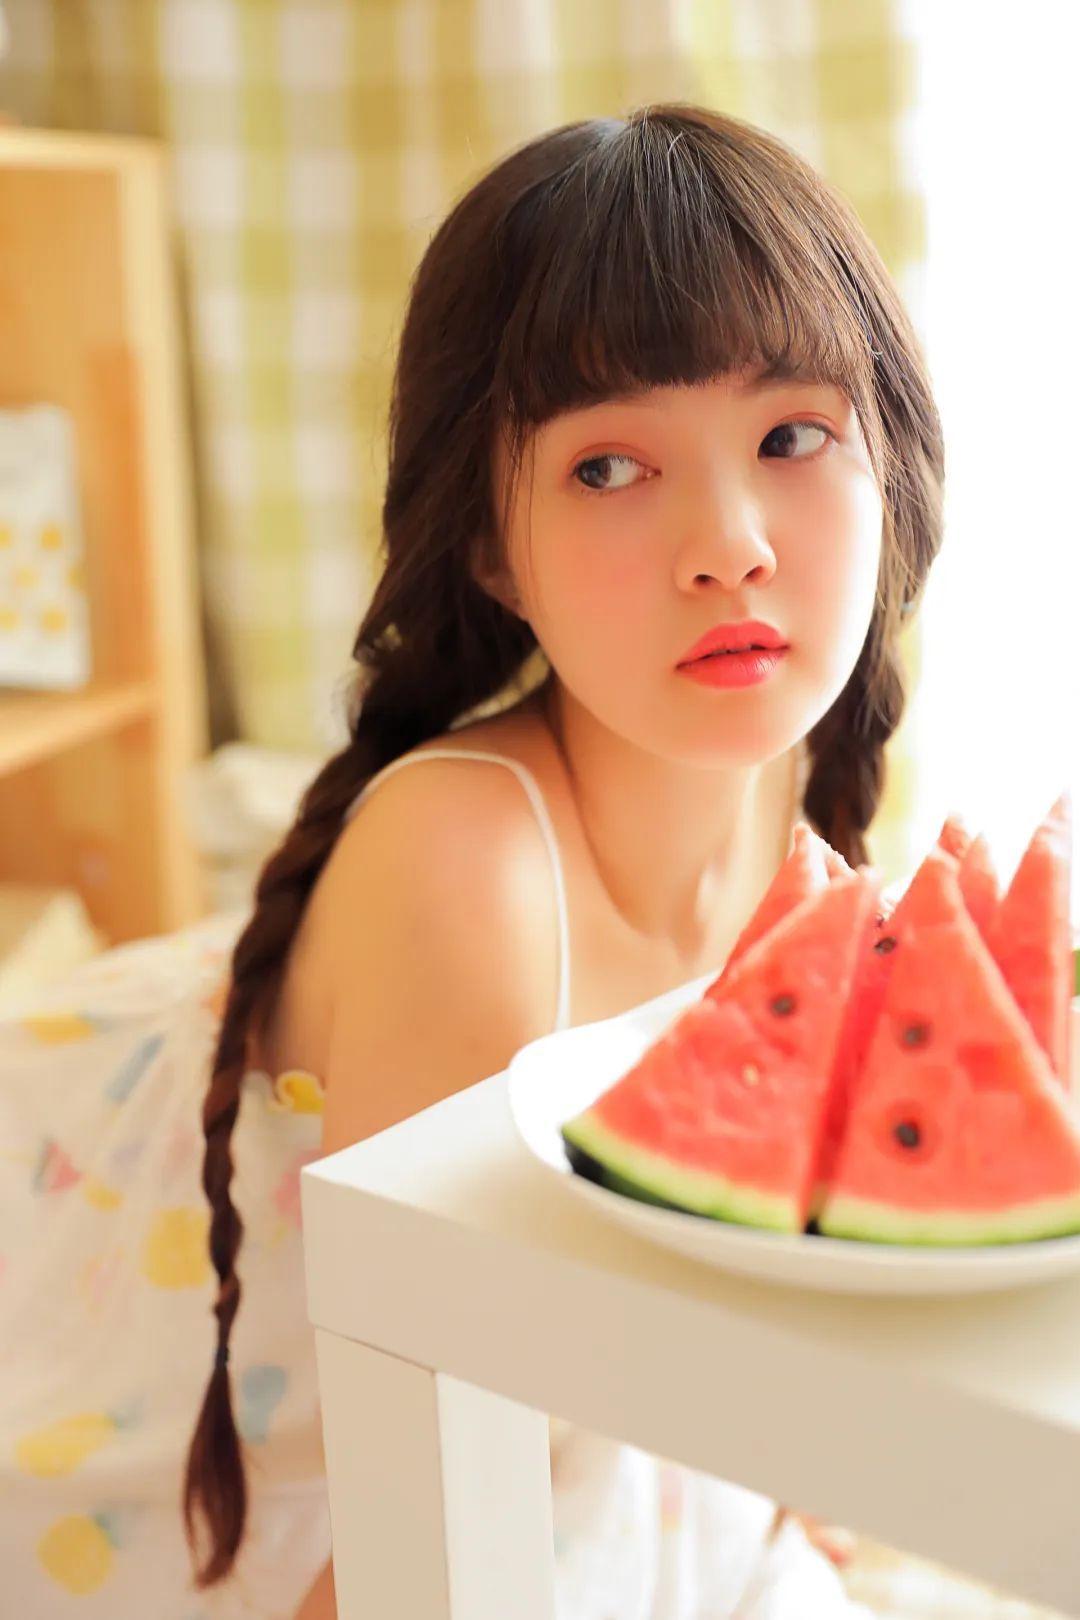 妹子摄影 – 甜美连衣裙双马尾少女吃西瓜_图片 No.2